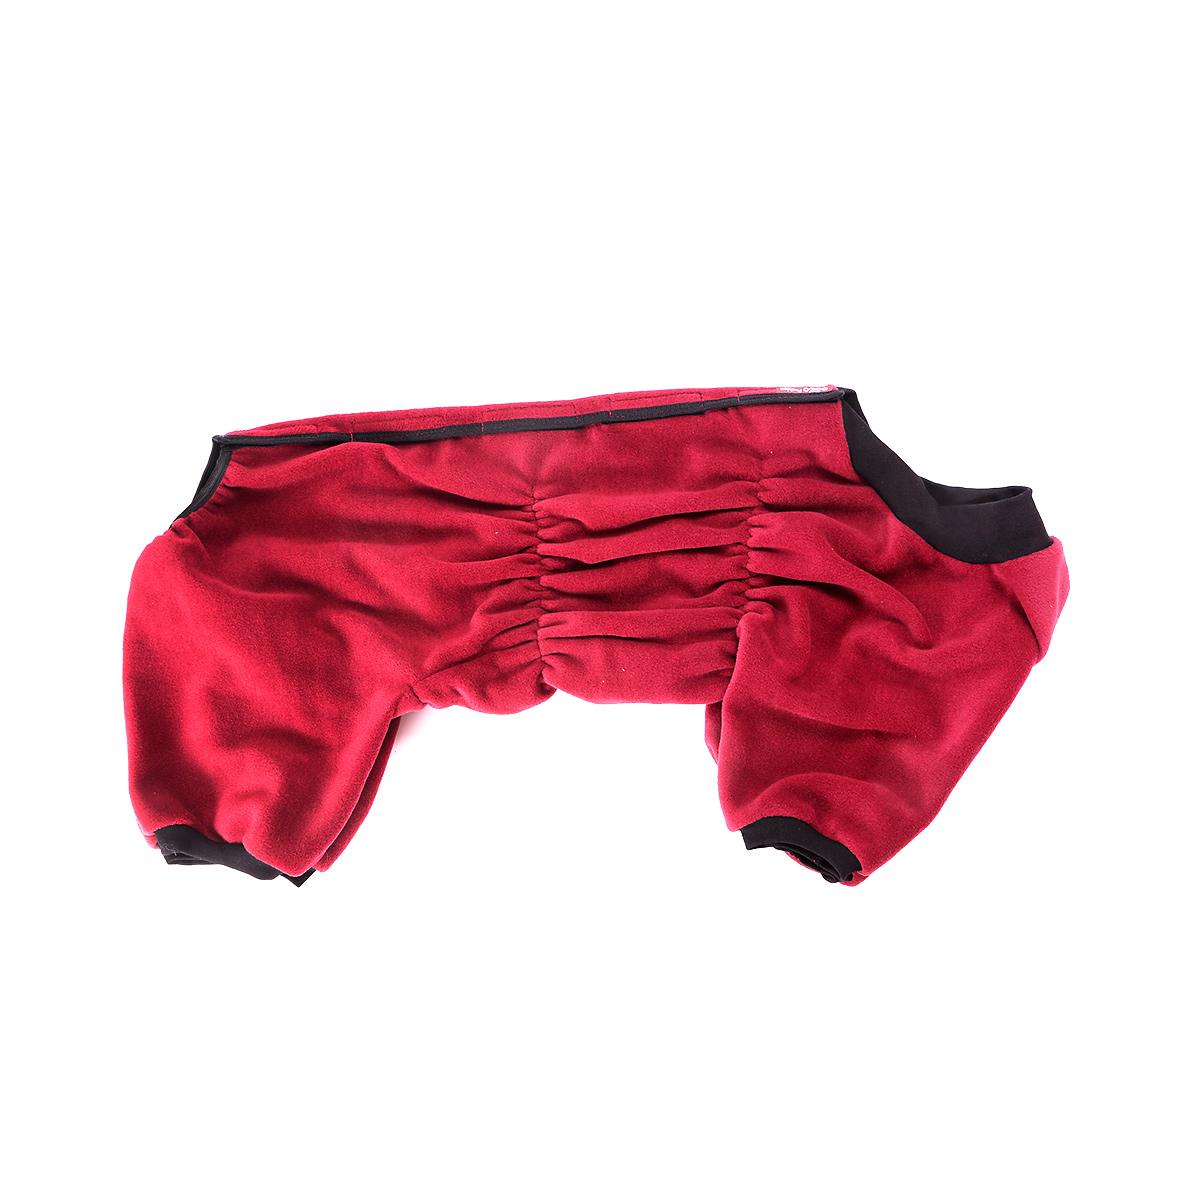 Комбинезон для собак Osso Fashion, для девочки, цвет: бордовый. Размер 32DM-160107-2Теплый, приятный на ощупь, эргономичный флисовый комбинезон на липучках. Комфортная посадка по корпусу достигается за счет резинок-утяжек под грудью и животом. На воротнике имеются завязки, для дополнительной фиксации Можно носить самостоятельно и как поддевку под комбинезон для собак на грязь.Отлично стирается, быстро сохнет.